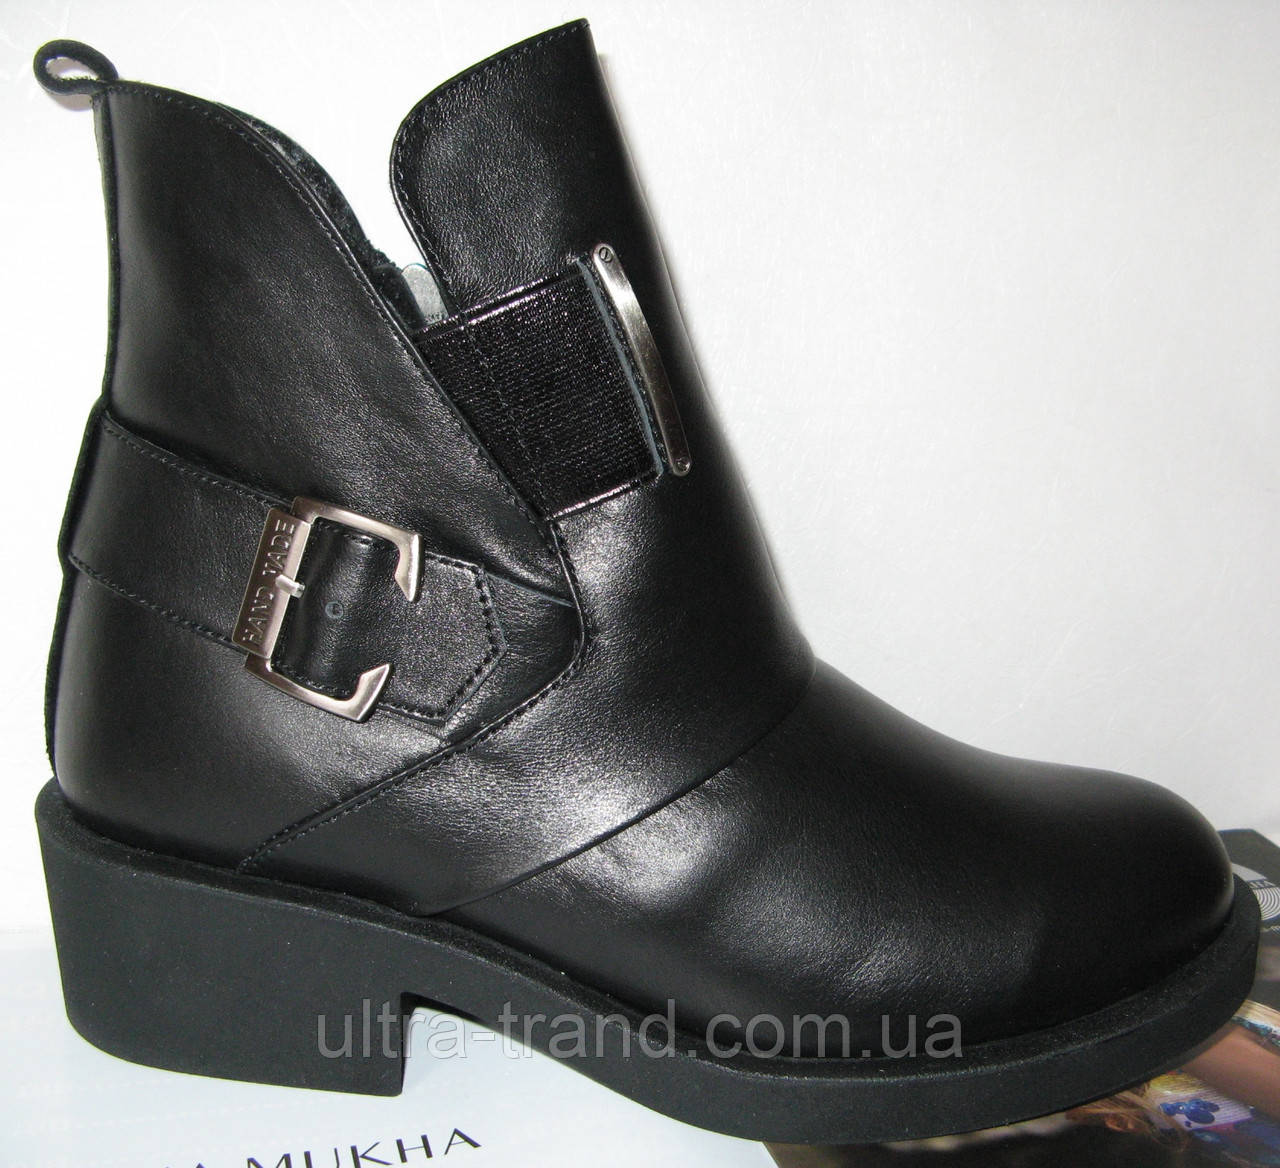 Женские демисезонные кожаные ботинки в стиле Diesel